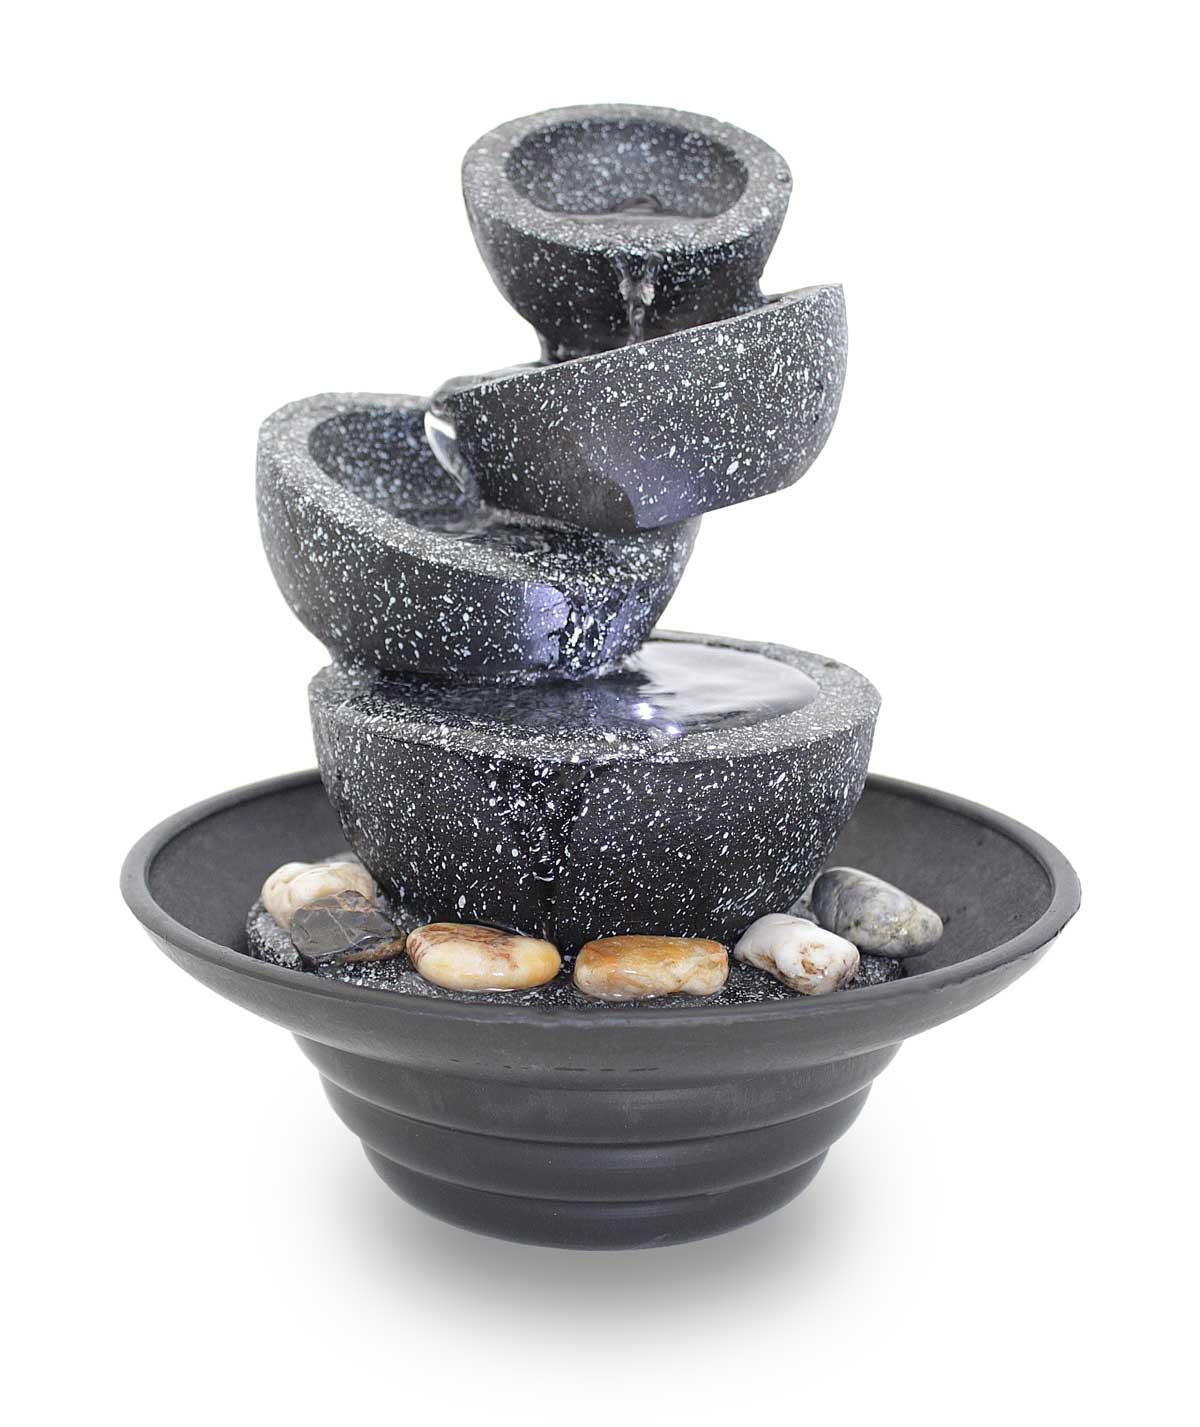 fontaine d'intérieur fontaine de table fontaine décorative FoBowls avec LED 10869